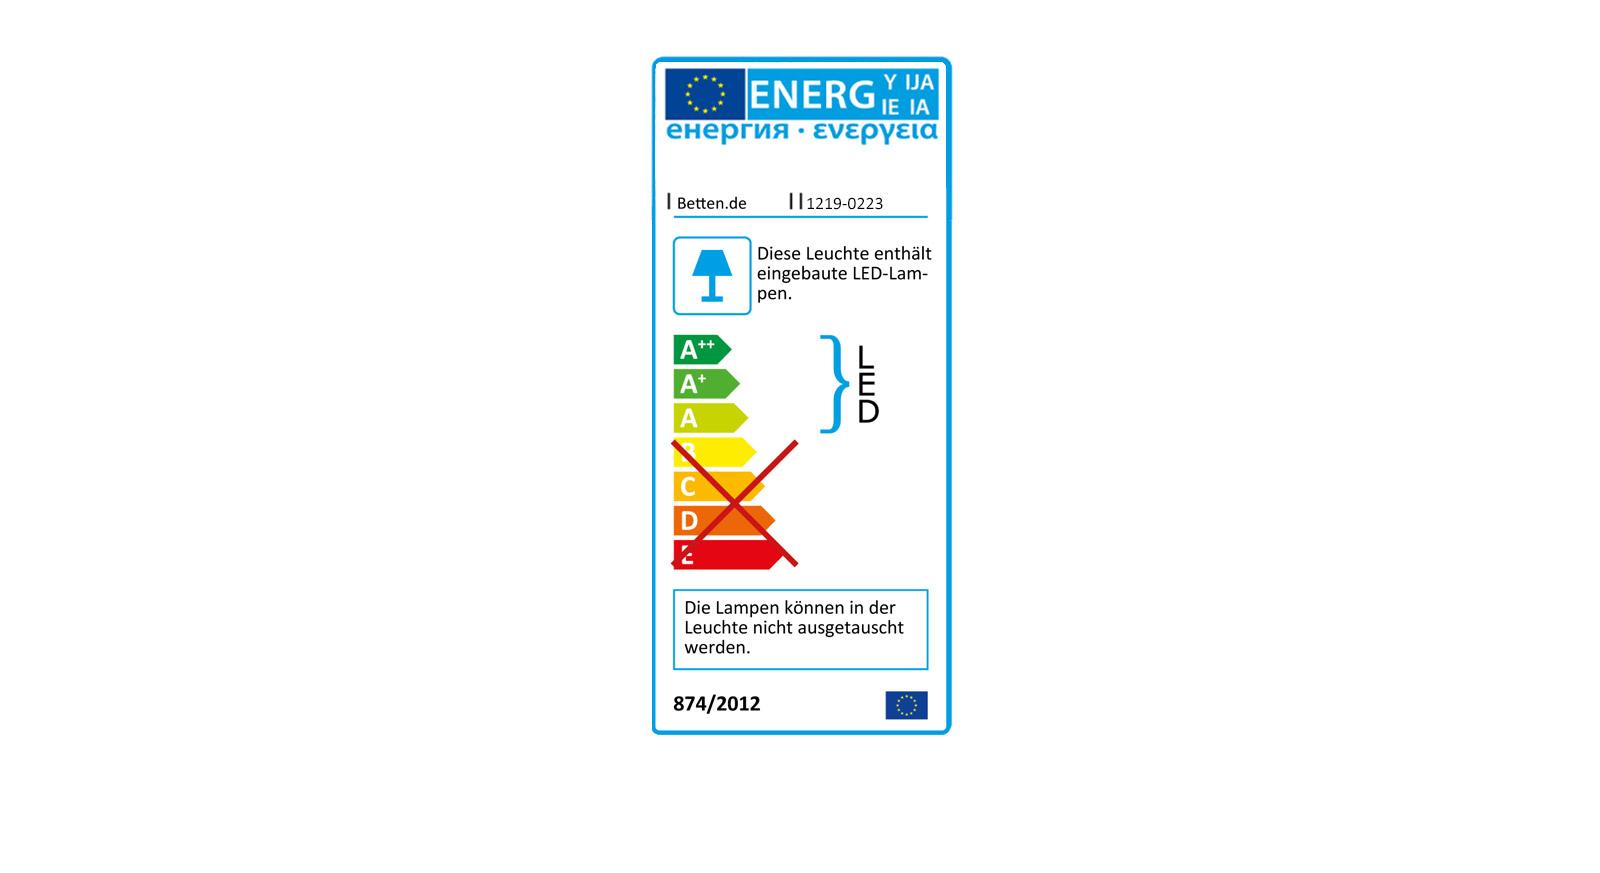 Energieverbrauchskennzeichnung der LED-Aufsatzleuchte